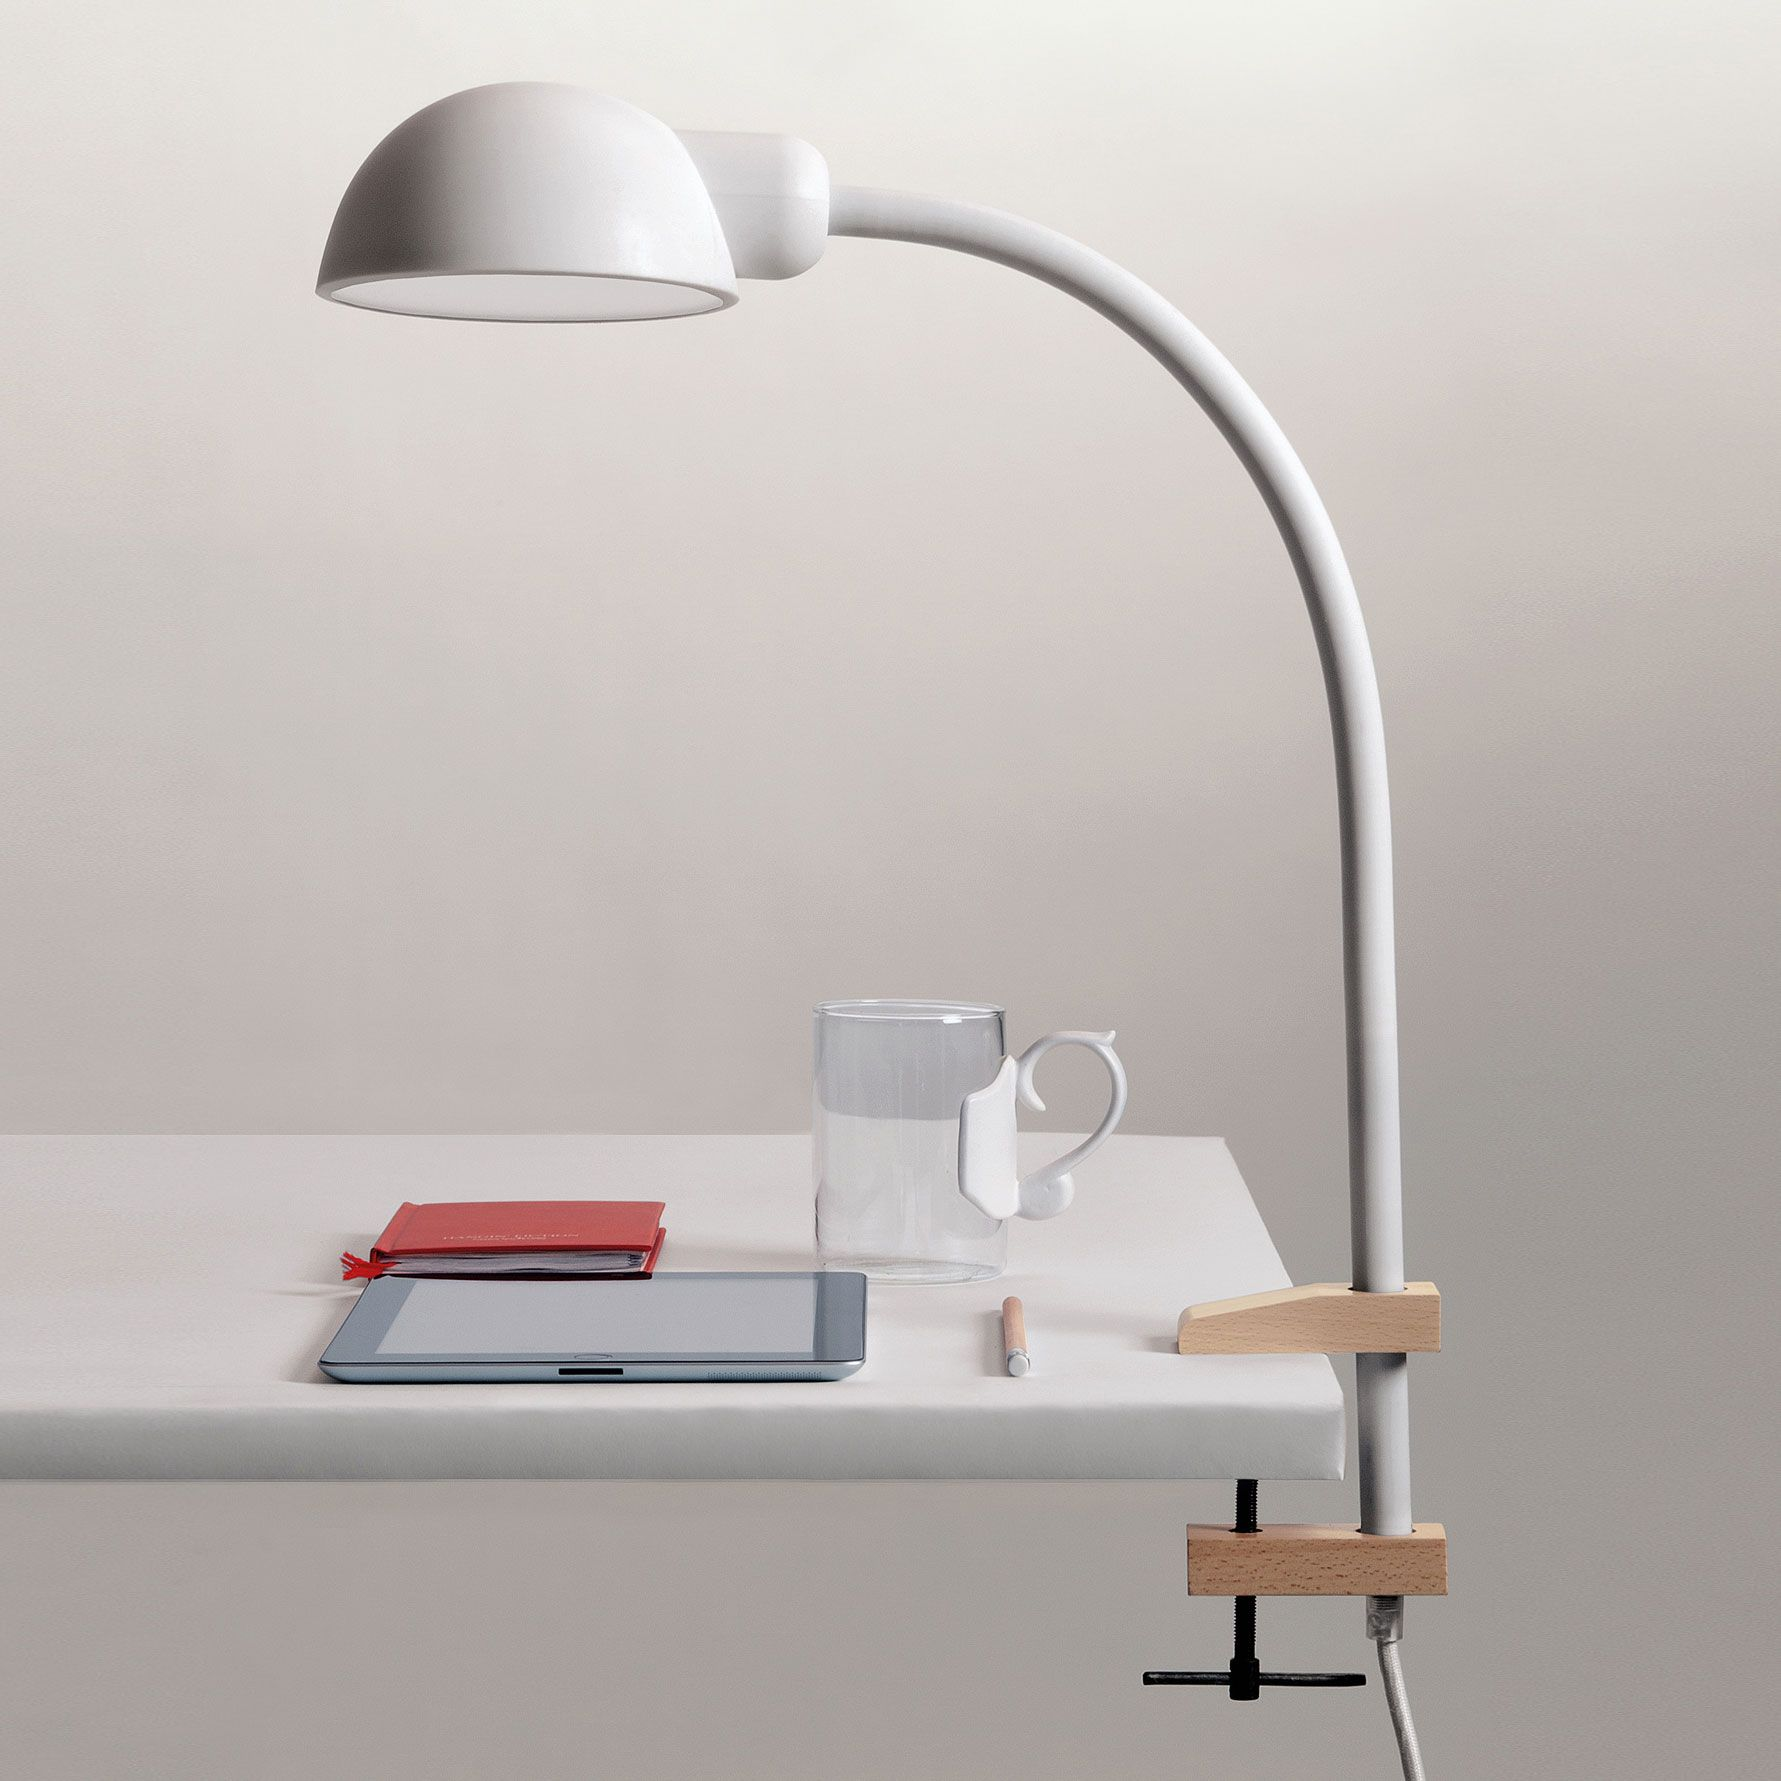 Lampe de bureau tactile et flexible en silicone  visser Softclamp